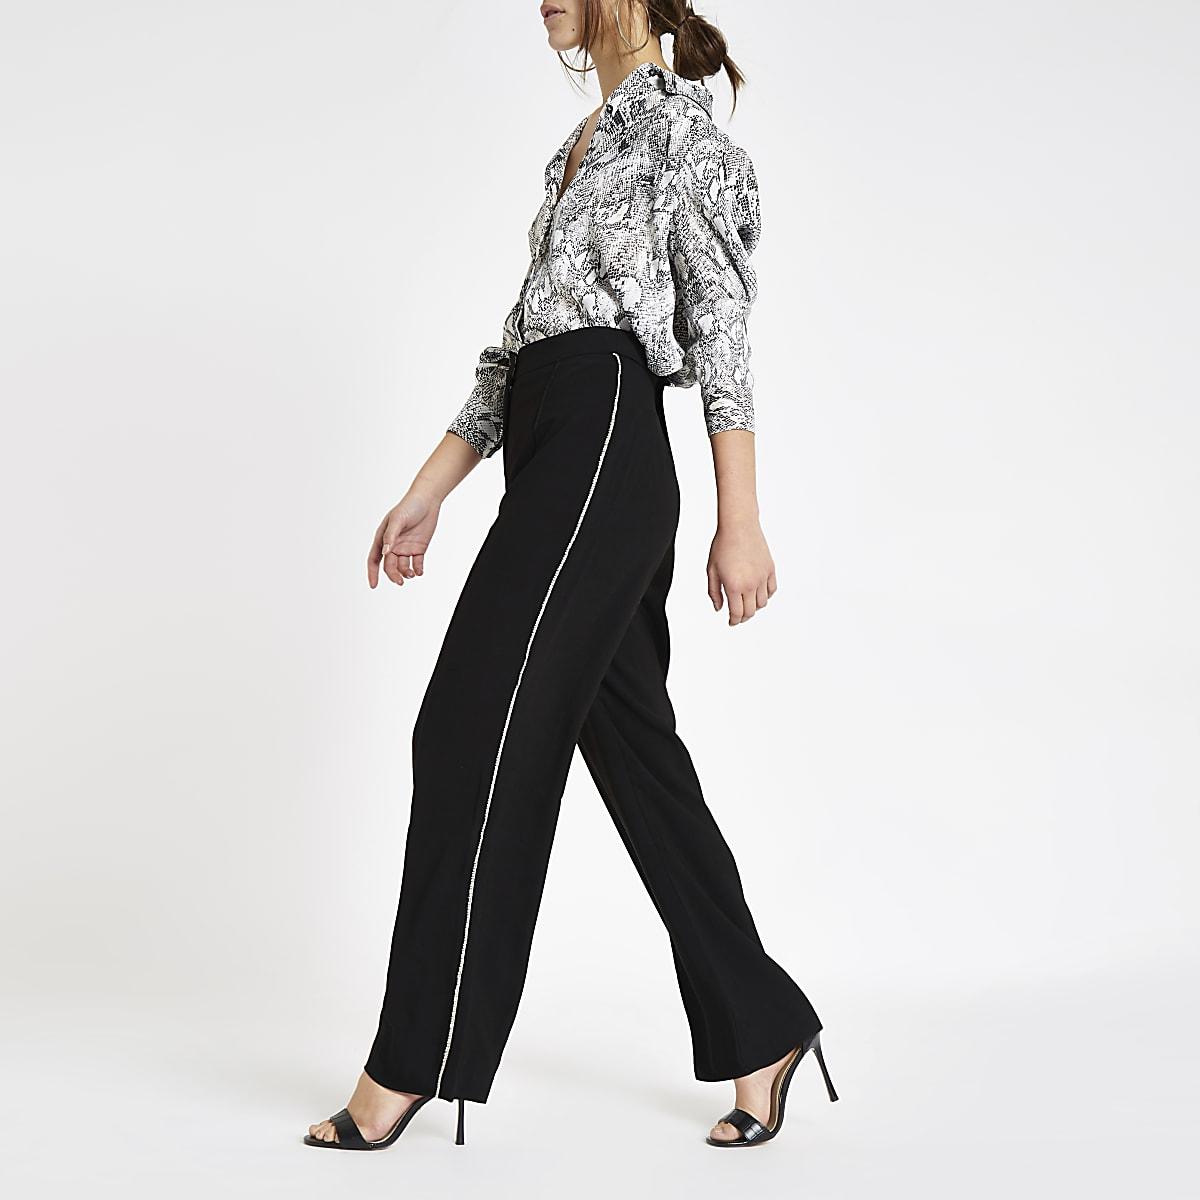 RI Petite - Zwarte broek met wijde pijpen en siersteentjes